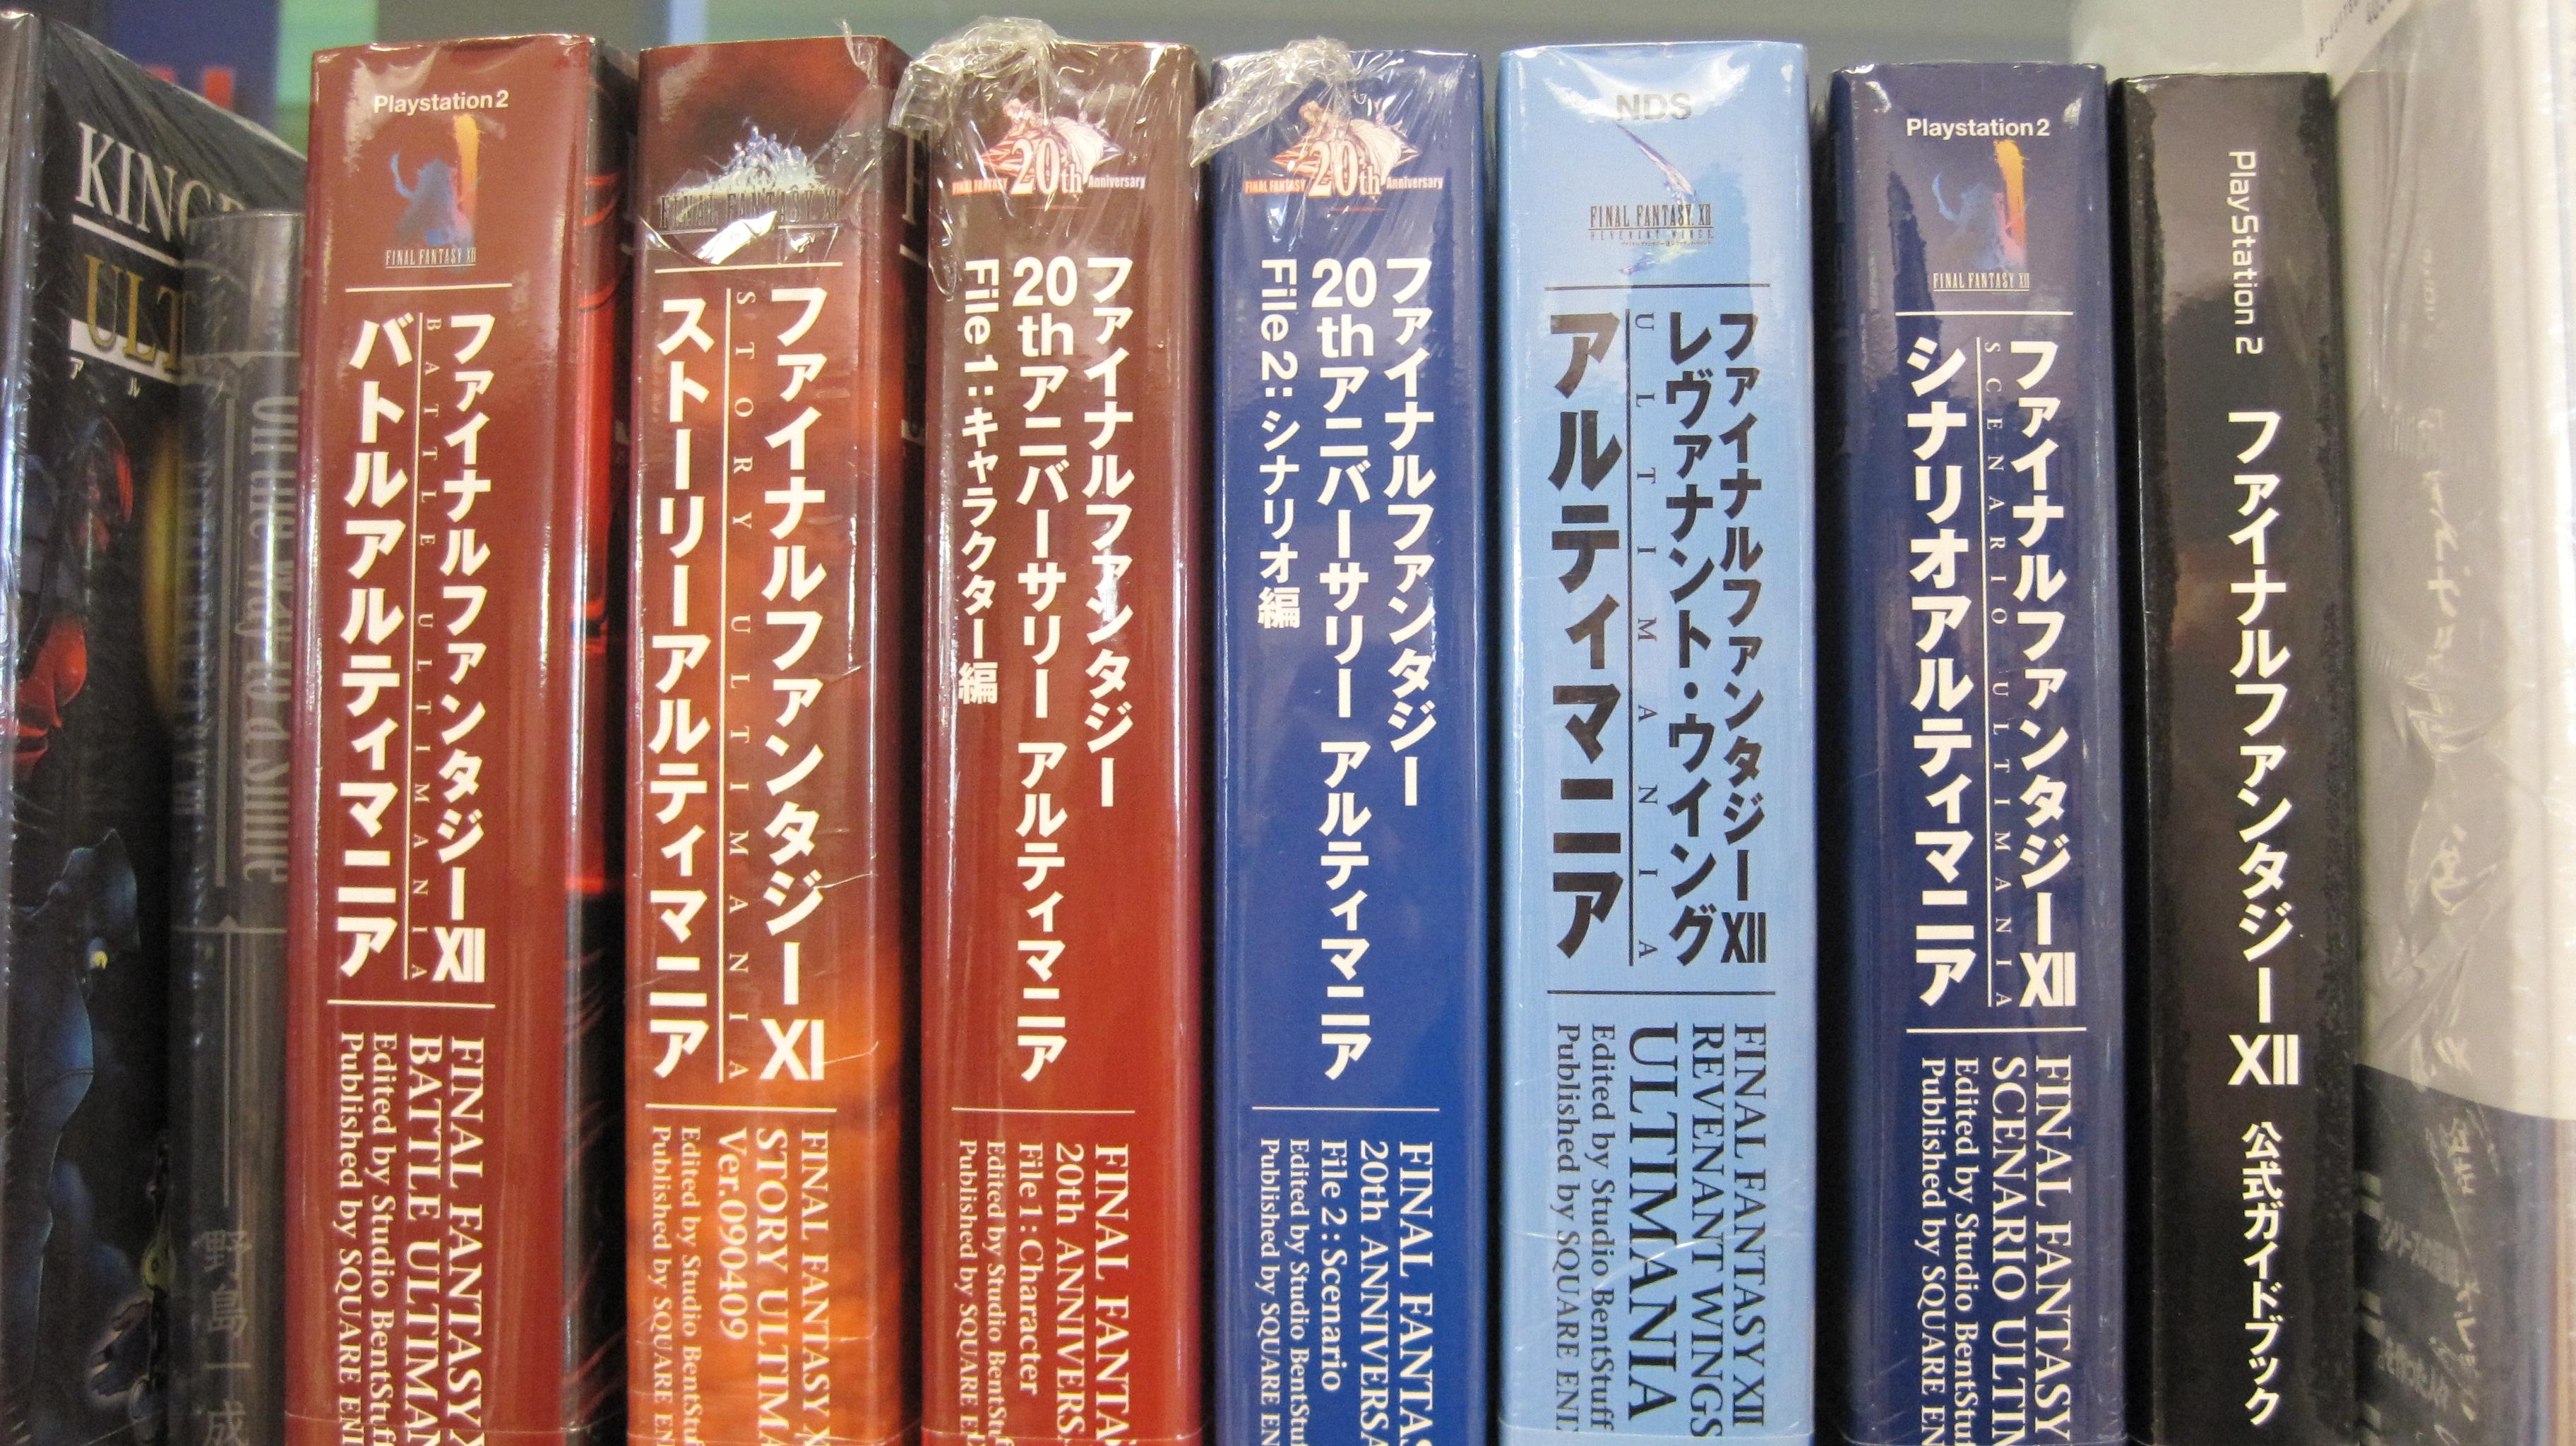 Co coloring books game - Co Coloring Books For Adults Kinokuniya File Final Fantasy Ultimanias Kinokuniya Sf Jpg